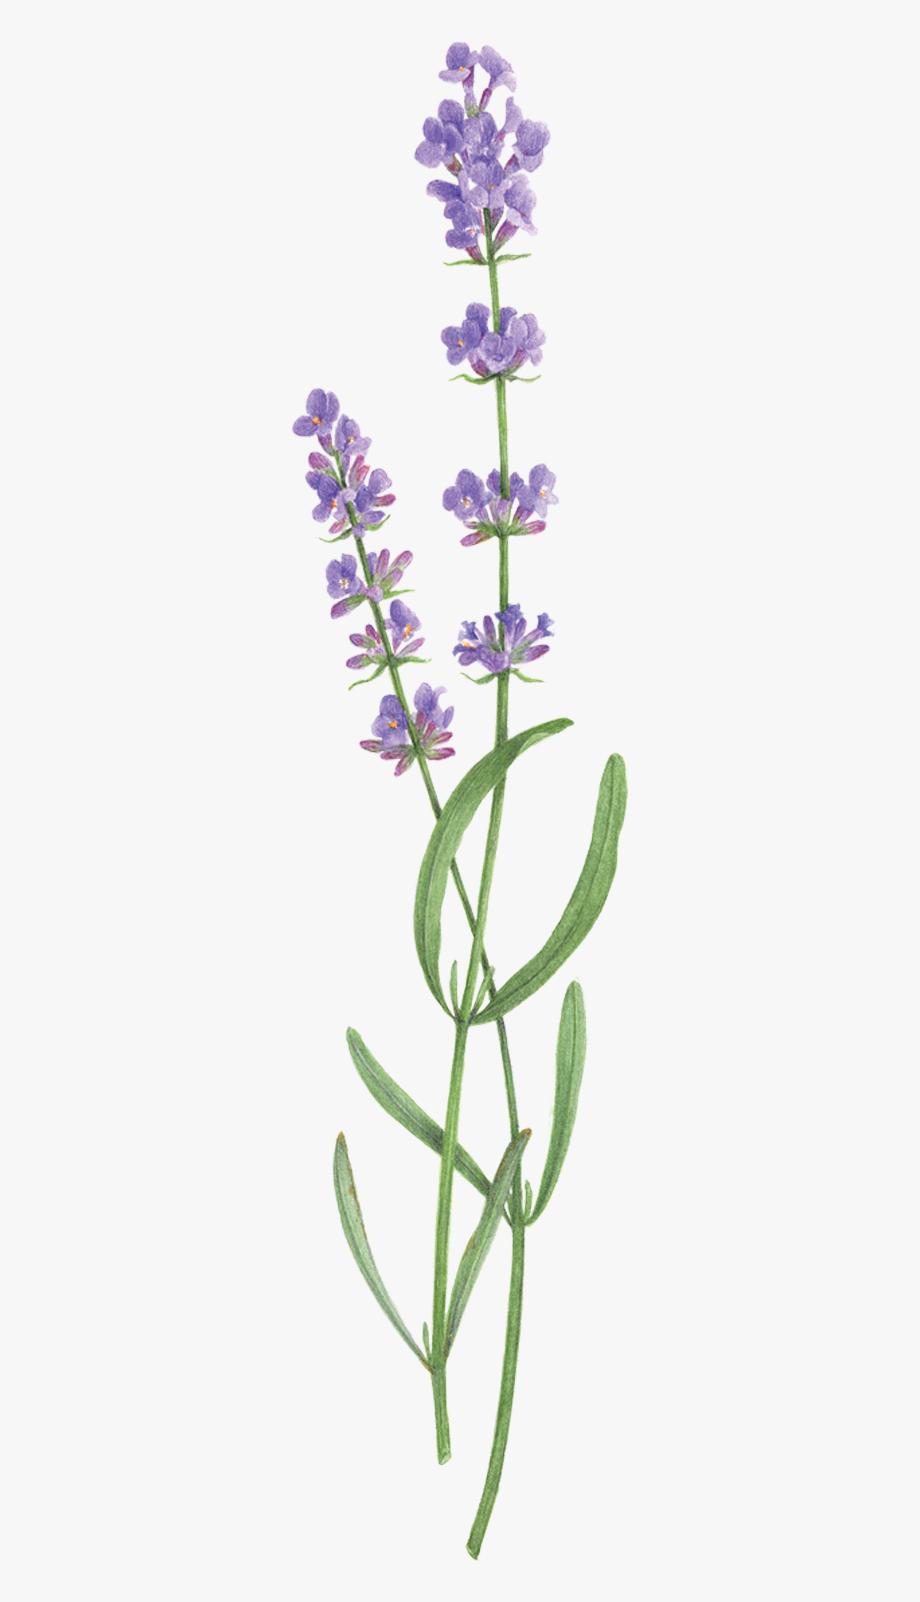 Lavender clipart transparent background. Sprig